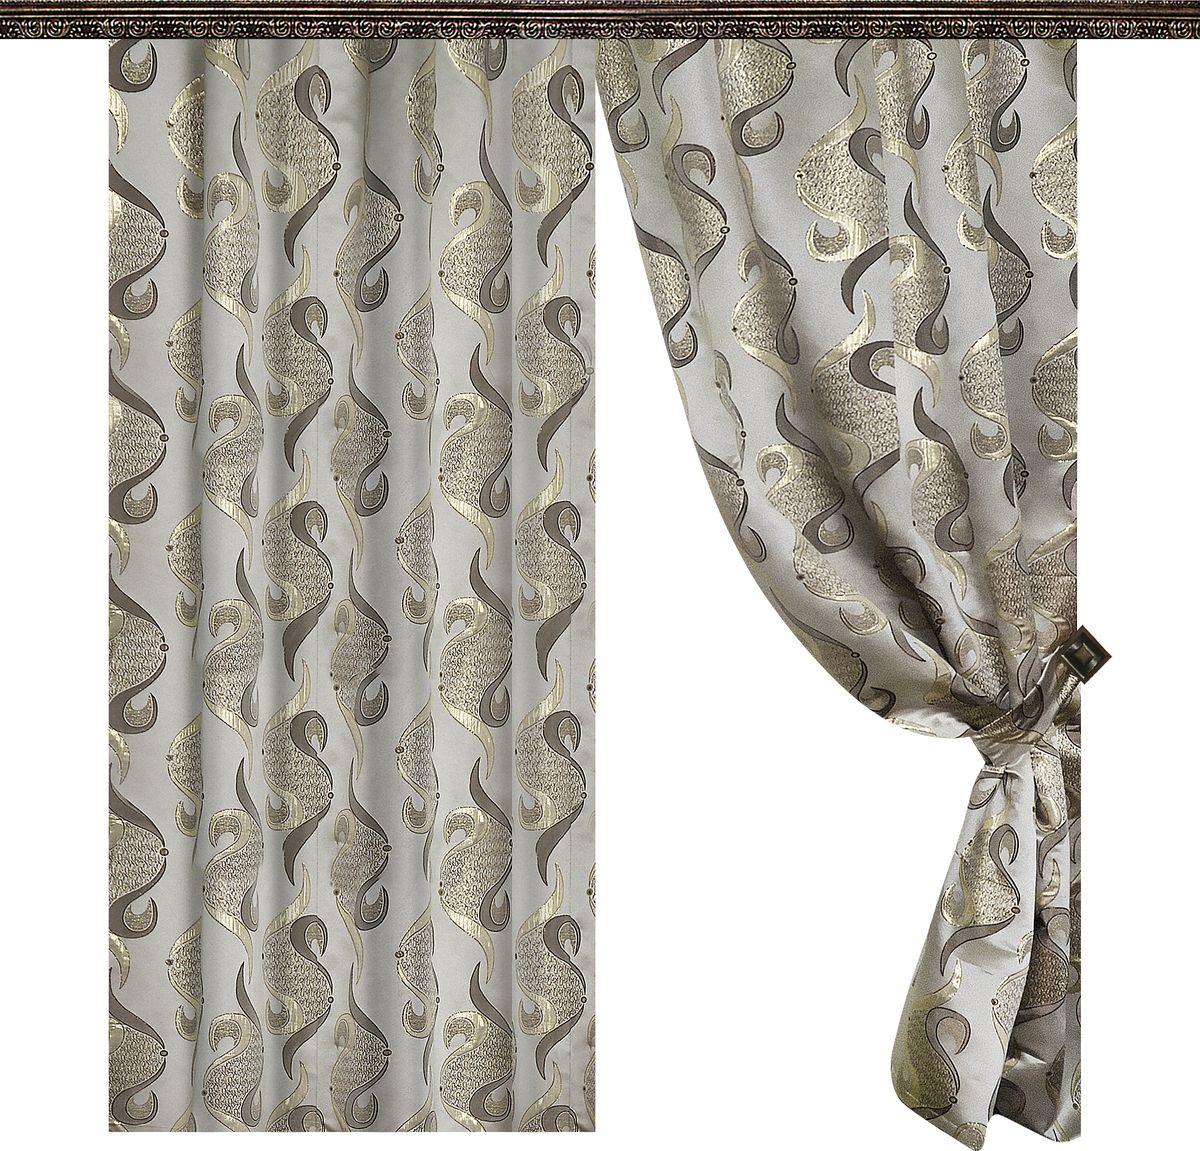 Комплект штор Zlata Korunka, на ленте, цвет: серый, высота 265 см777047Роскошный комплект штор Zlata Korunka комплект состоит из двух штор и двух подхватов, выполненных из 100% полиэстера, которые великолепно украсит любое окно.Плотная ткань, оригинальный орнамент и приятная цветовая гамма привлекут к себе внимание и органично впишутся в интерьер помещения. Комплект крепится на карниз при помощи шторной ленты, которая поможет красиво и равномерно задрапировать верх.Этот комплект будет долгое время радовать вас и вашу семью! В комплект входит: Штора: 2 шт. Размер (ШхВ): 145 см х 265 см. Подхват: 2 шт.